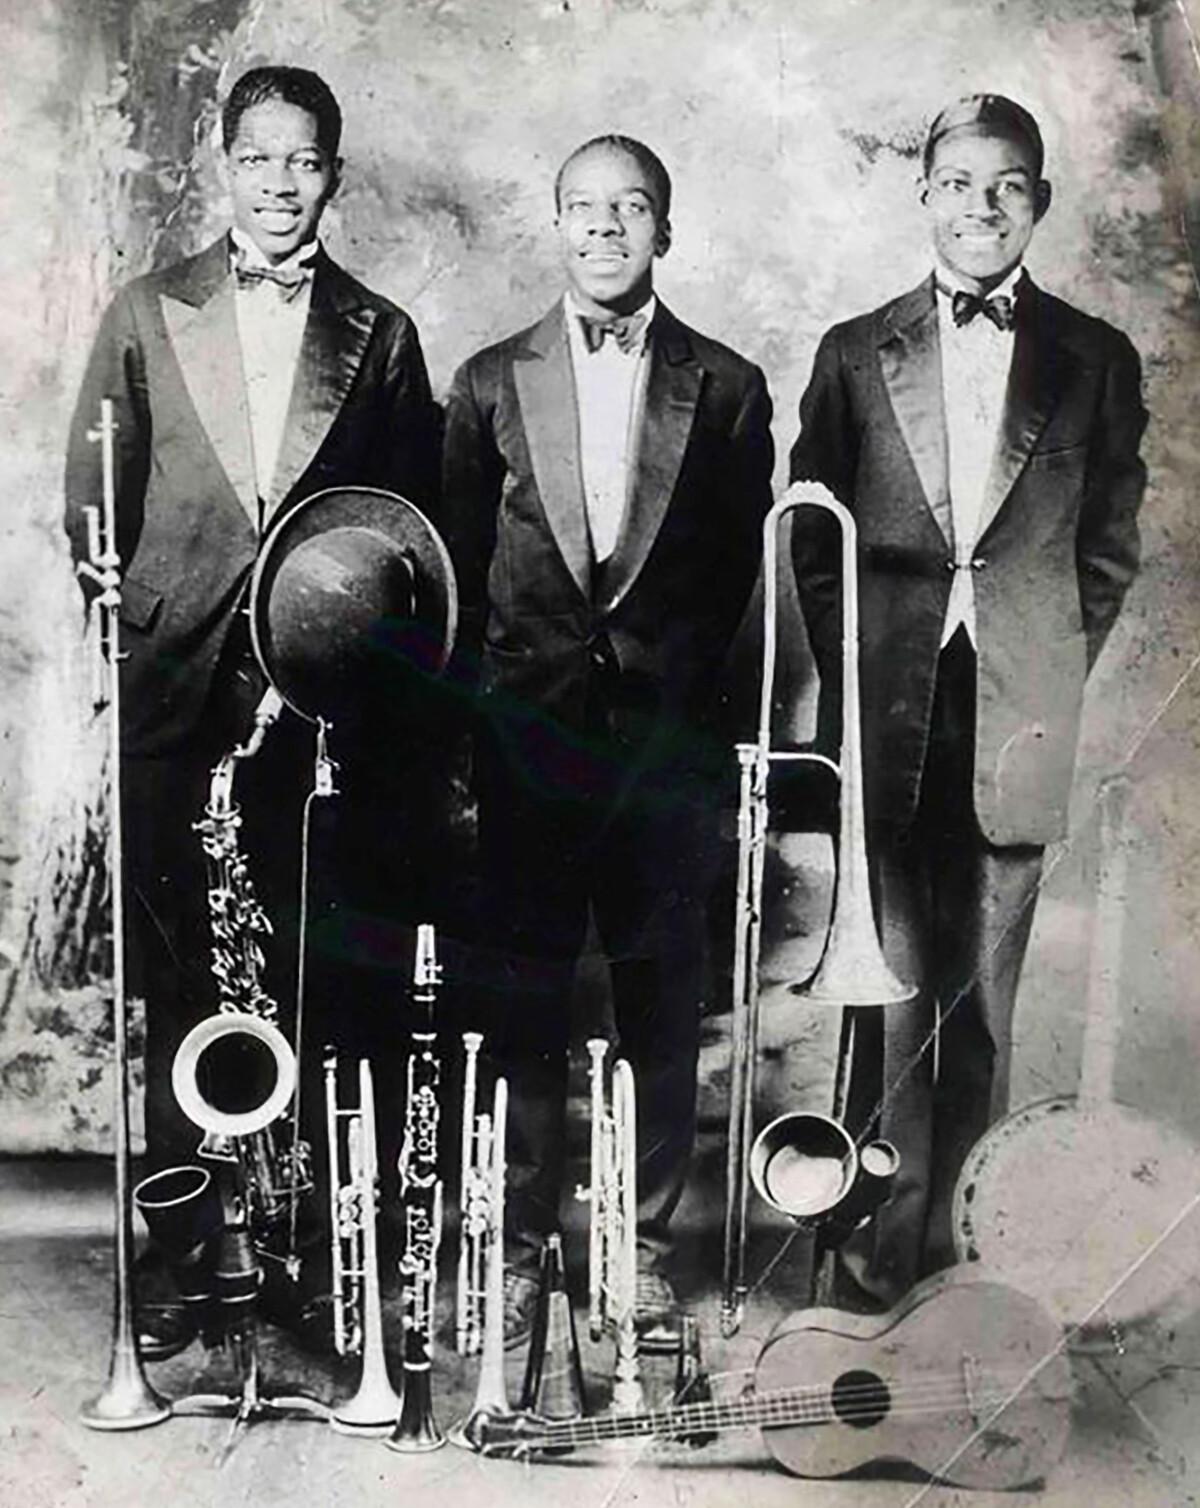 L to R: Edgar Battle, Valentine Billington and Eddie Durham sometime before 1930.